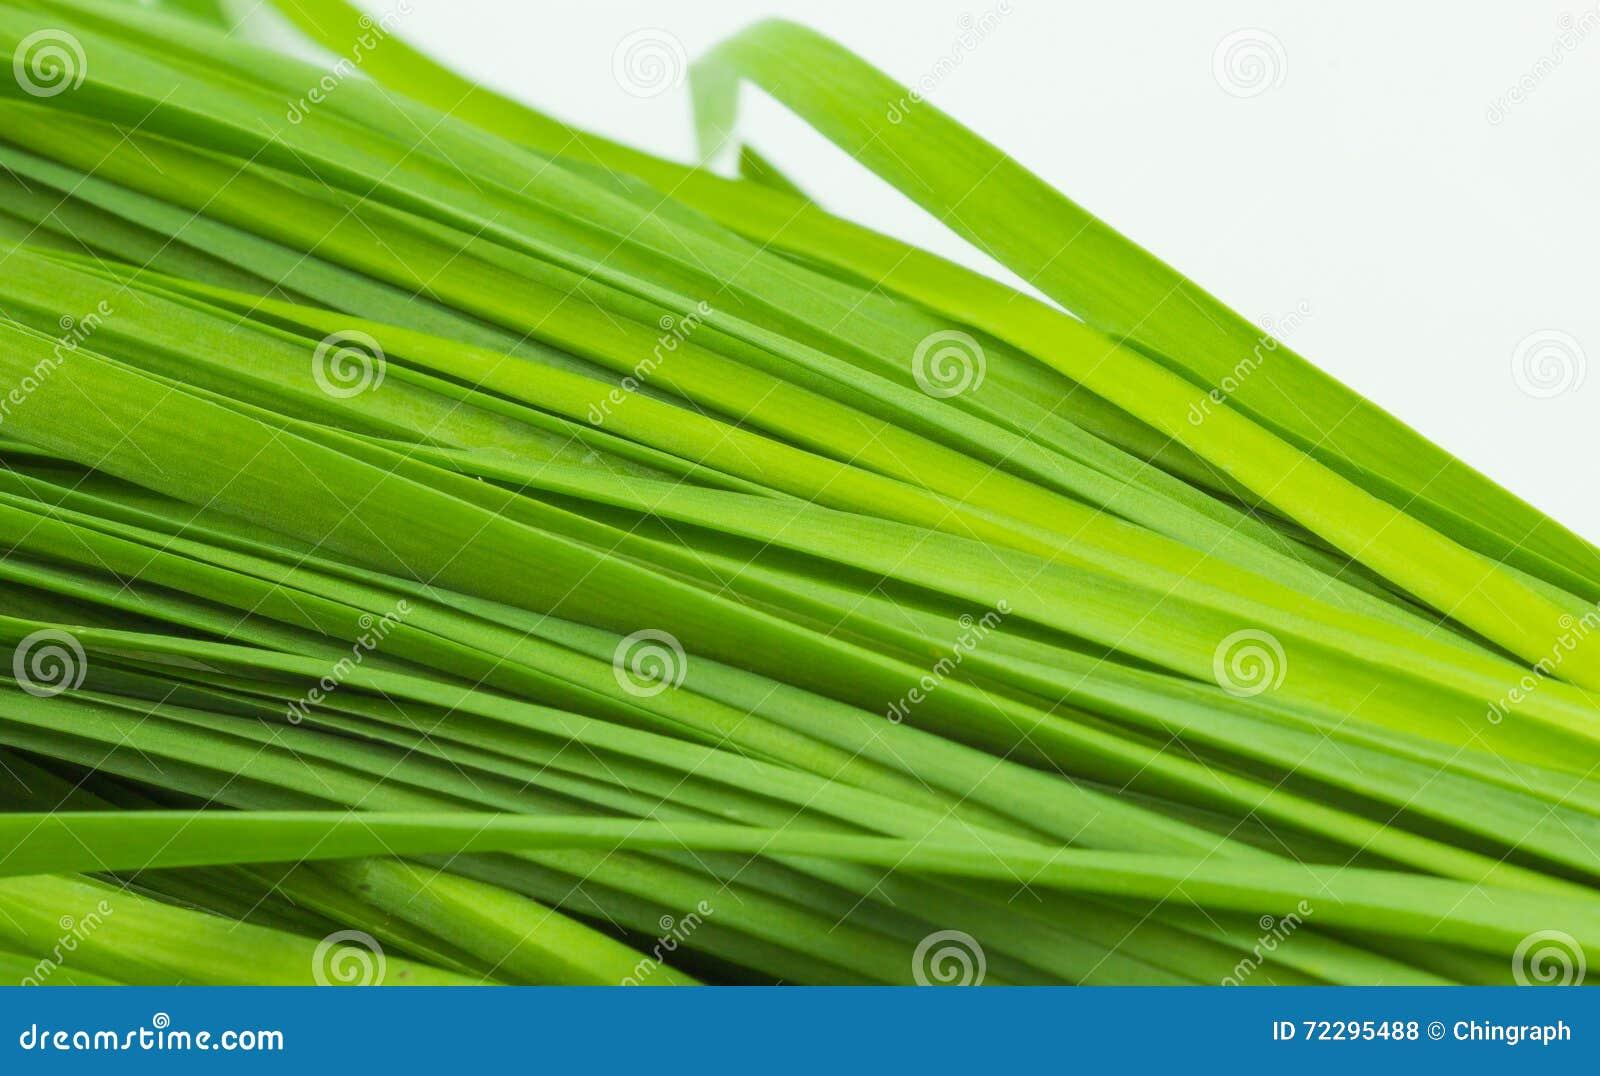 Download Свежий зеленый овощ Chives чеснока, белые Chives чеснока Стоковое Фото - изображение насчитывающей студия, порей: 72295488